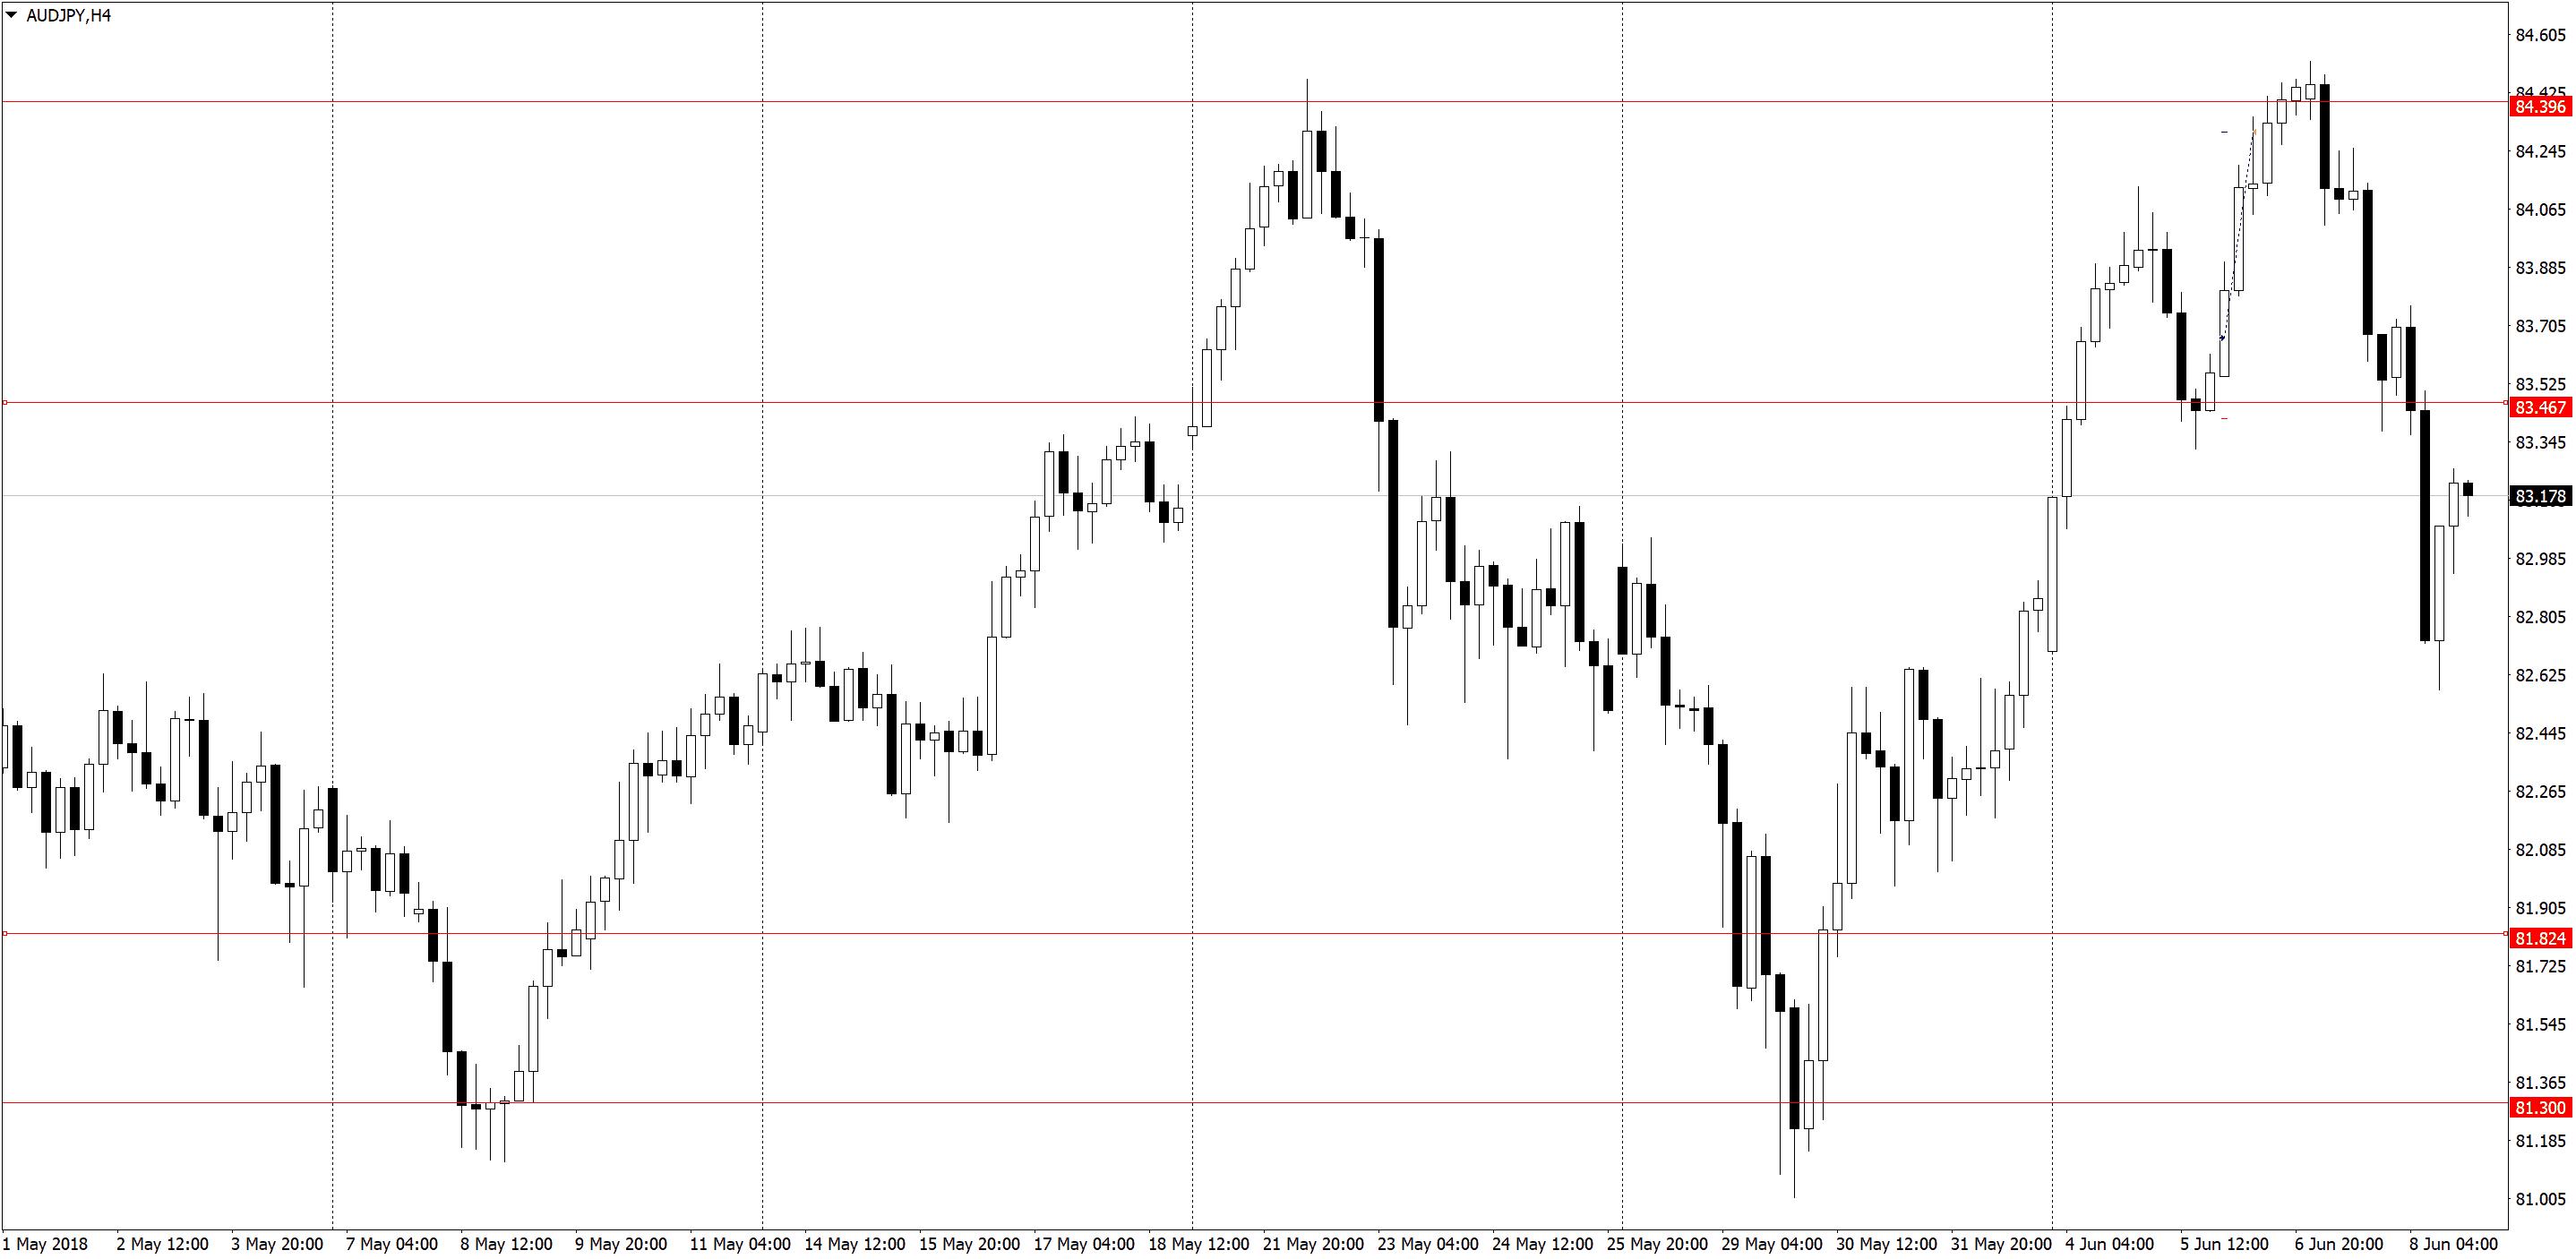 AUDJPYH4 Торговля по H1, трейдинг в удовольствие, три состояния рынка